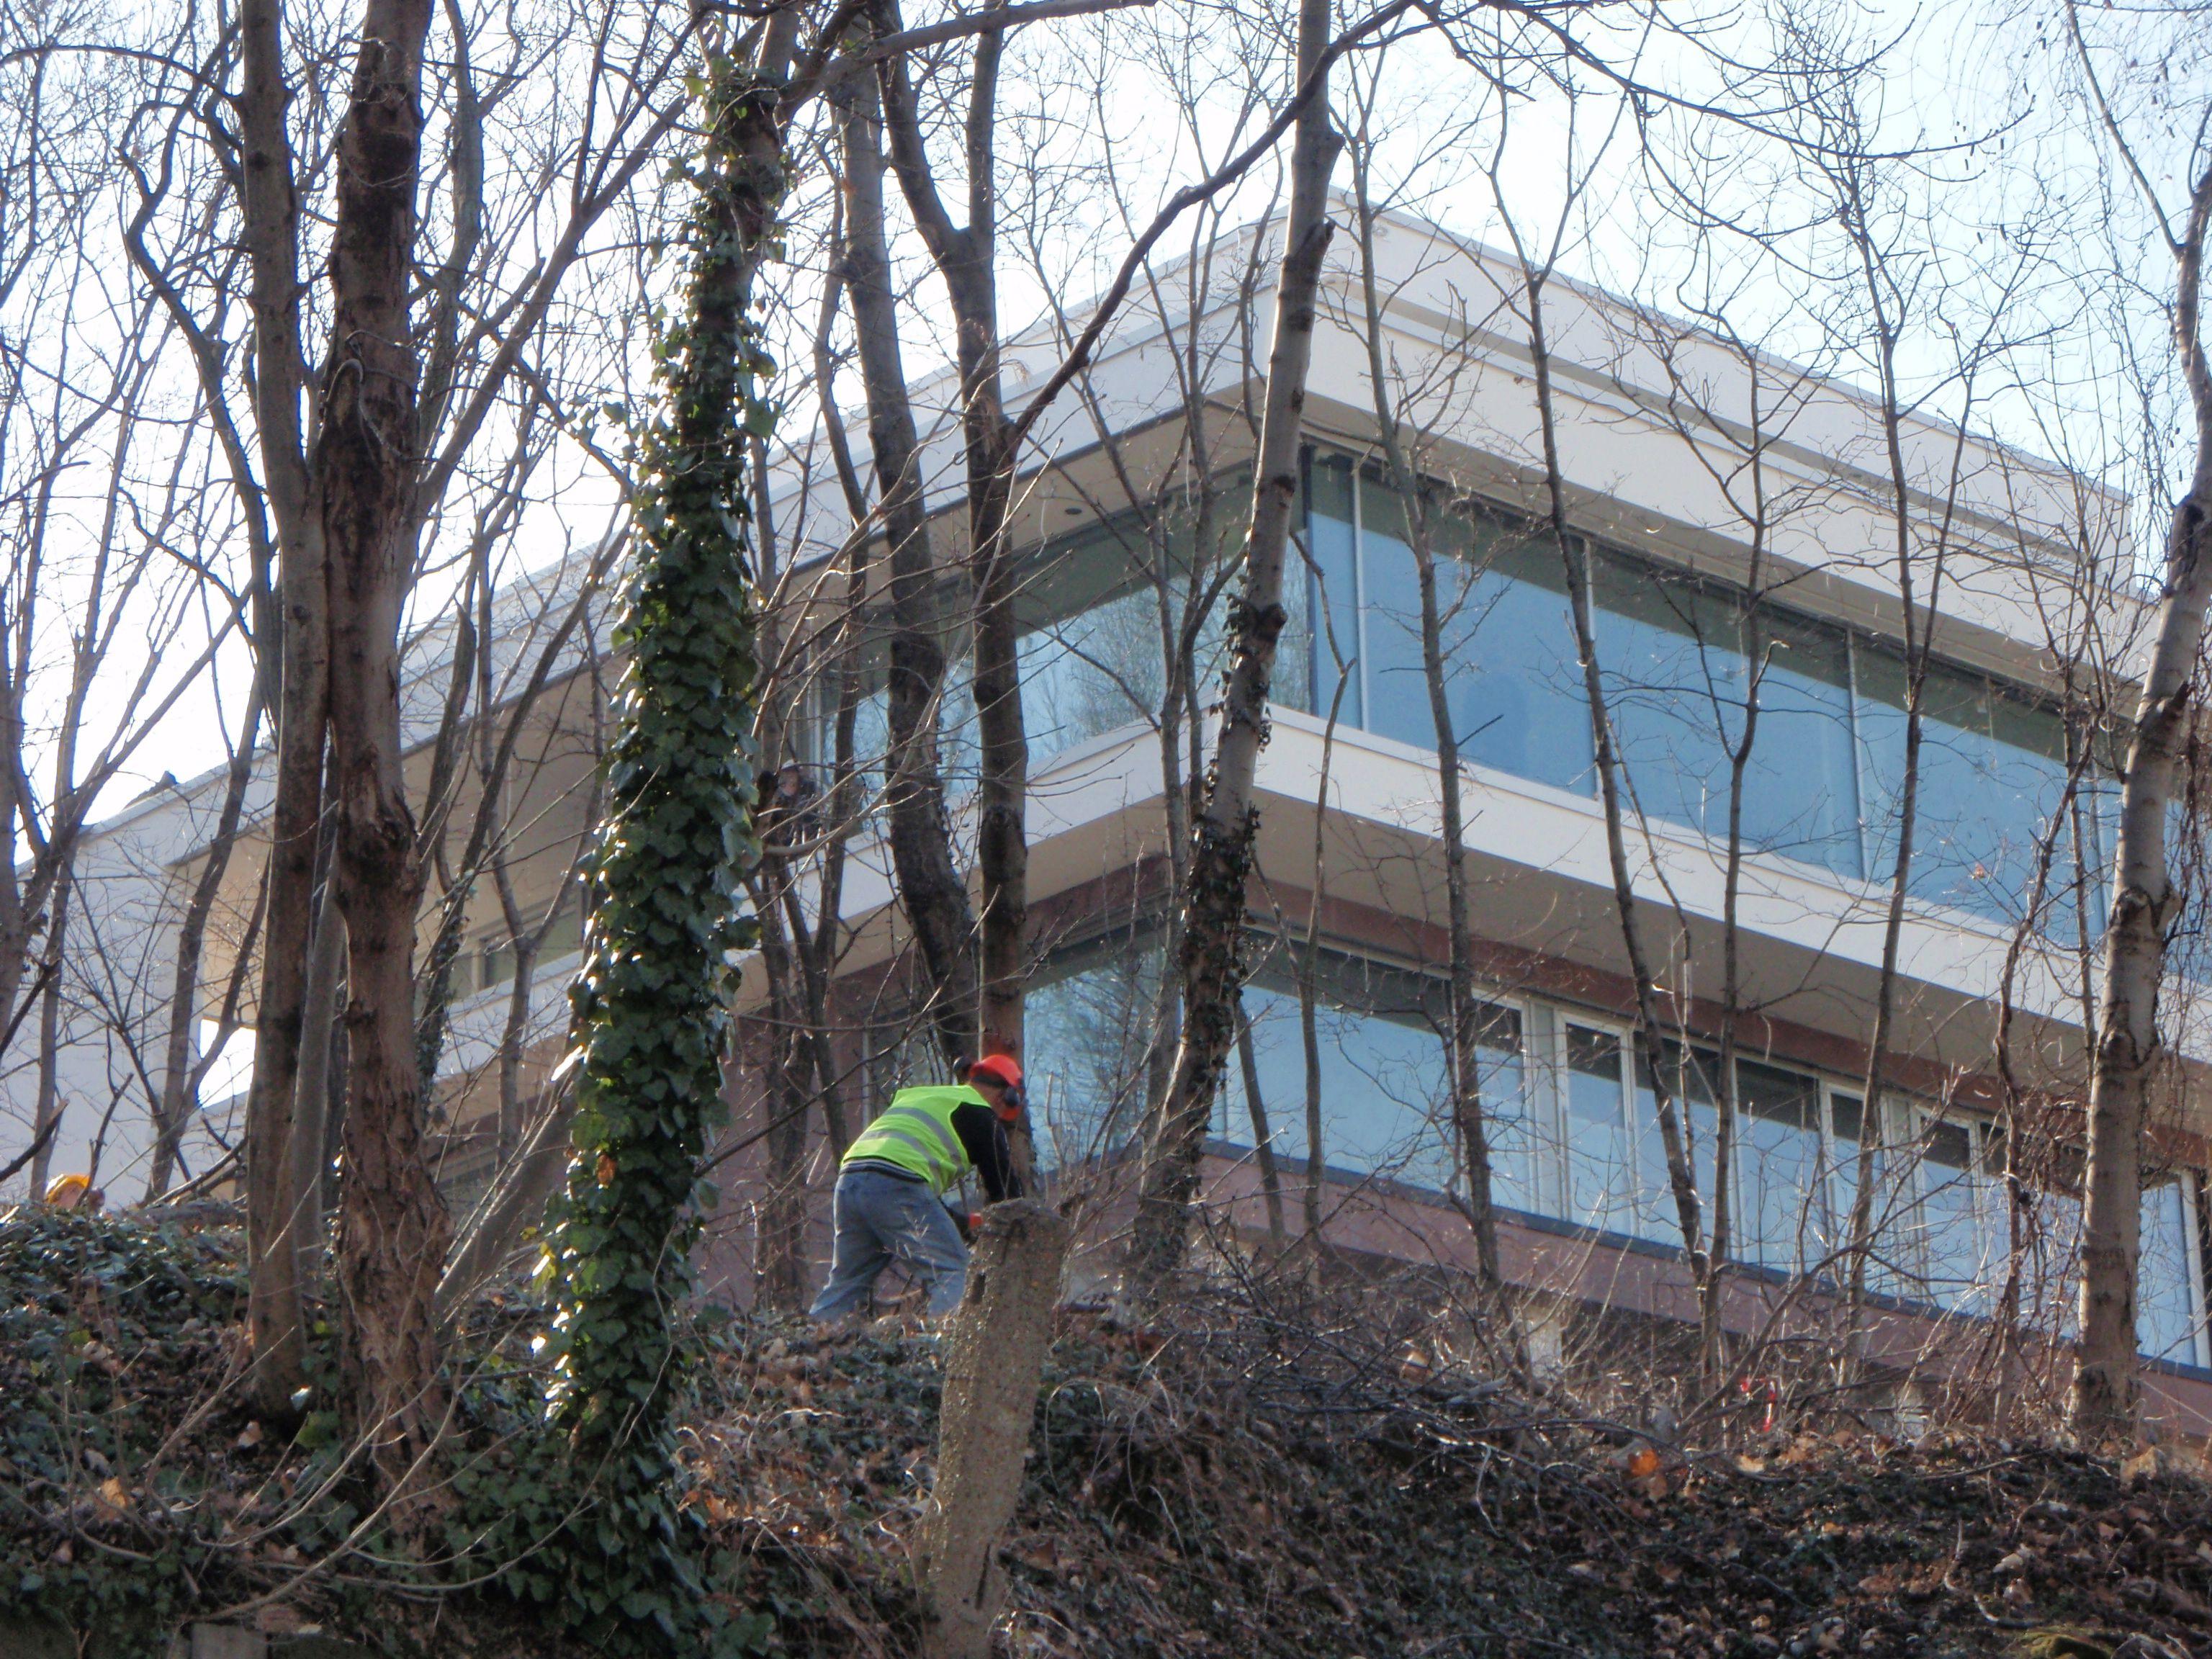 Már a szomszéd telek fáit sem kíméli Szíjj László villaépítése a Gellért-hegyen